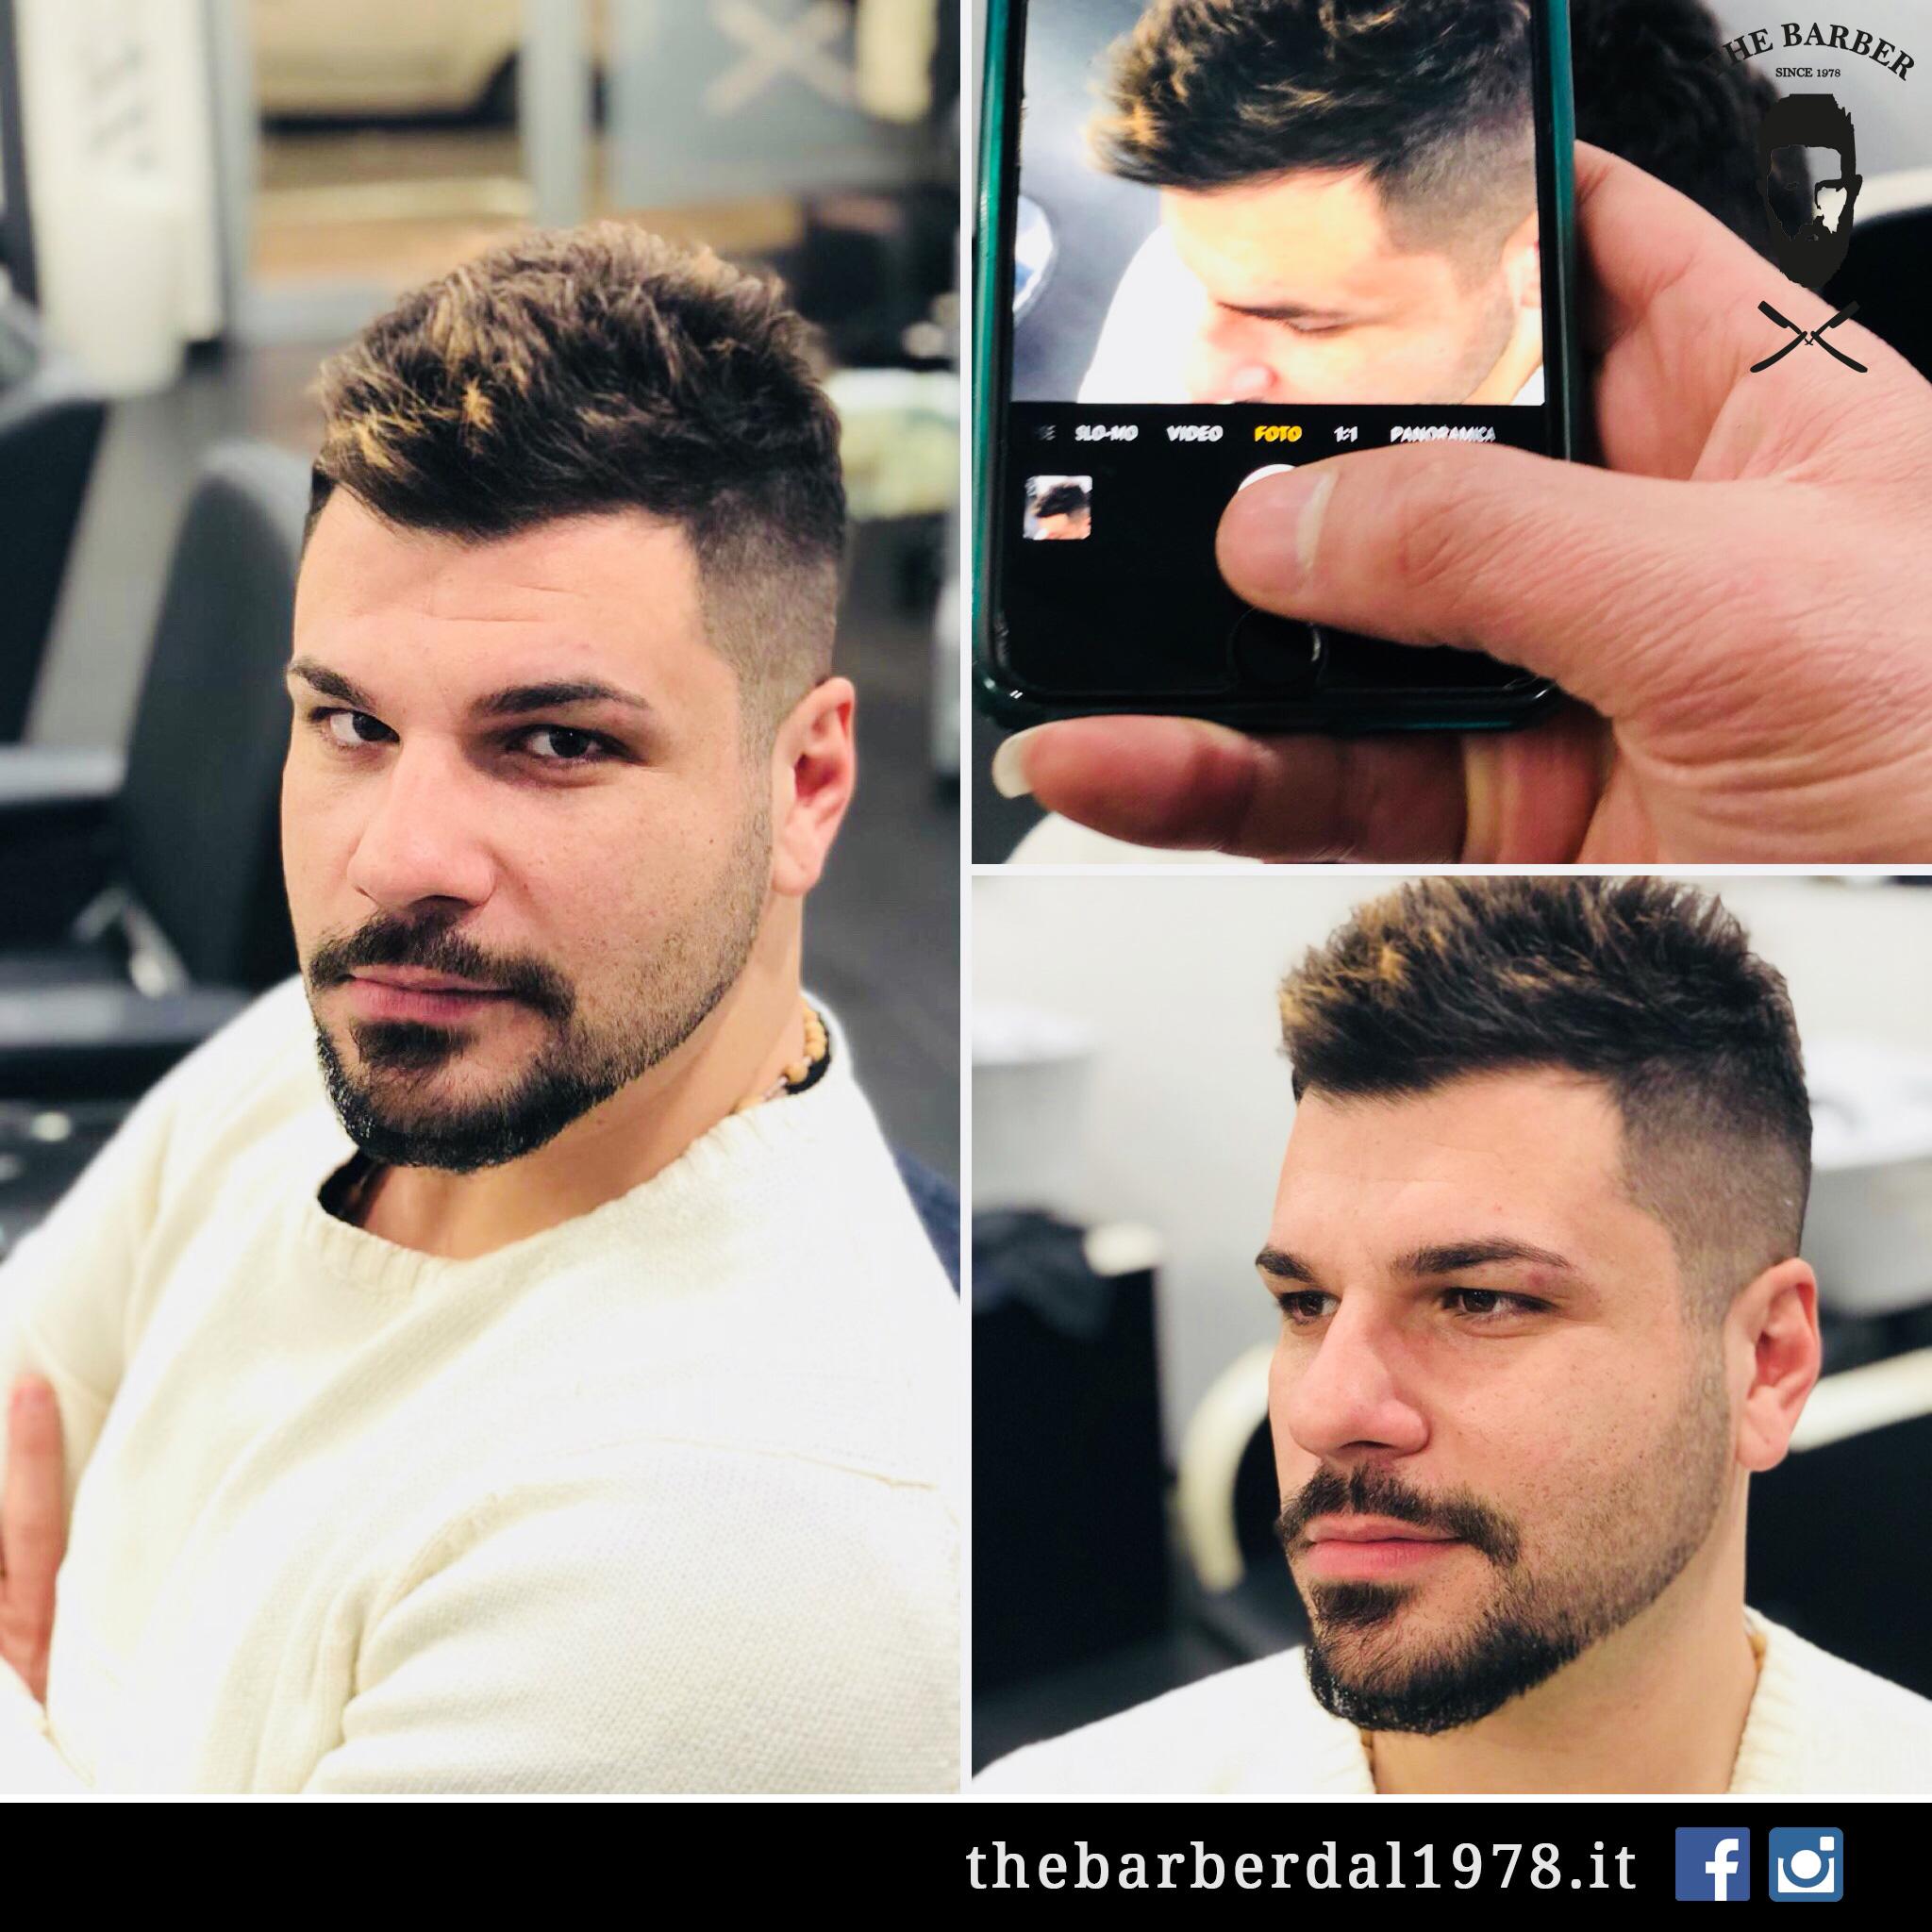 barbiere-parrucchiere-rossano-corigliano-cosenza-180301-2